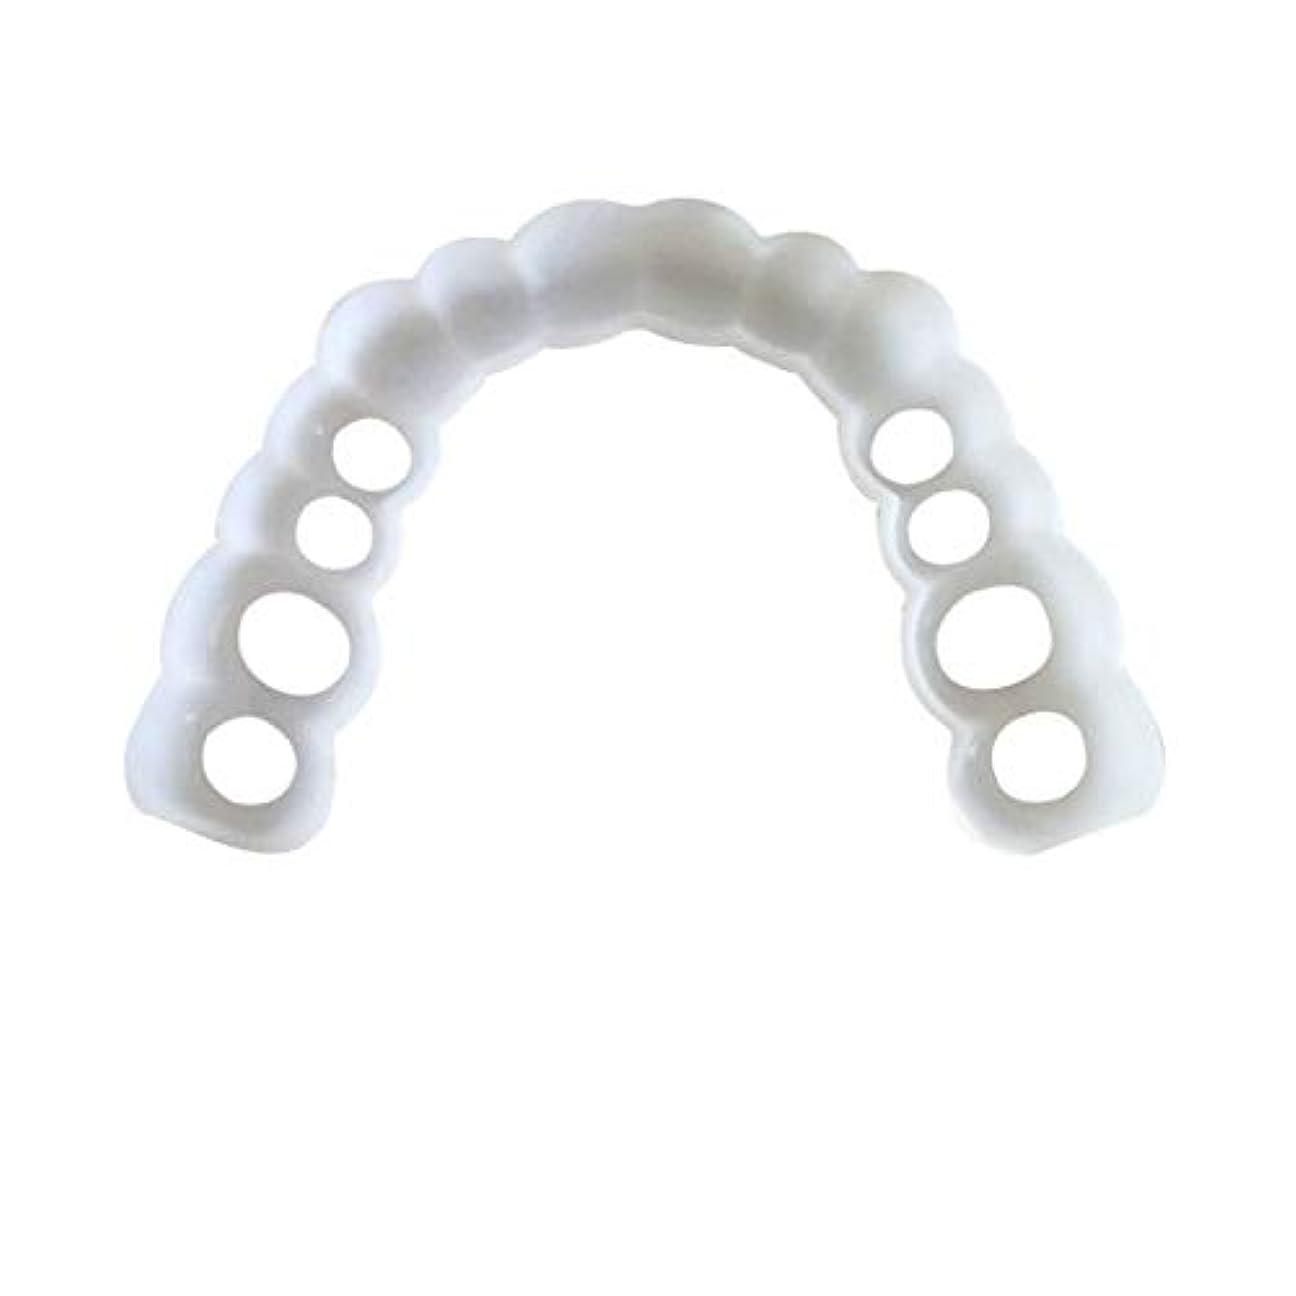 777/5000 1組の一時的な化粧品の歯義歯の歯の化粧品の模擬装具アッパーブレース+ロワーブレース、インスタント快適なフレックスパーフェクトベニア上の歯のスナップキャップ